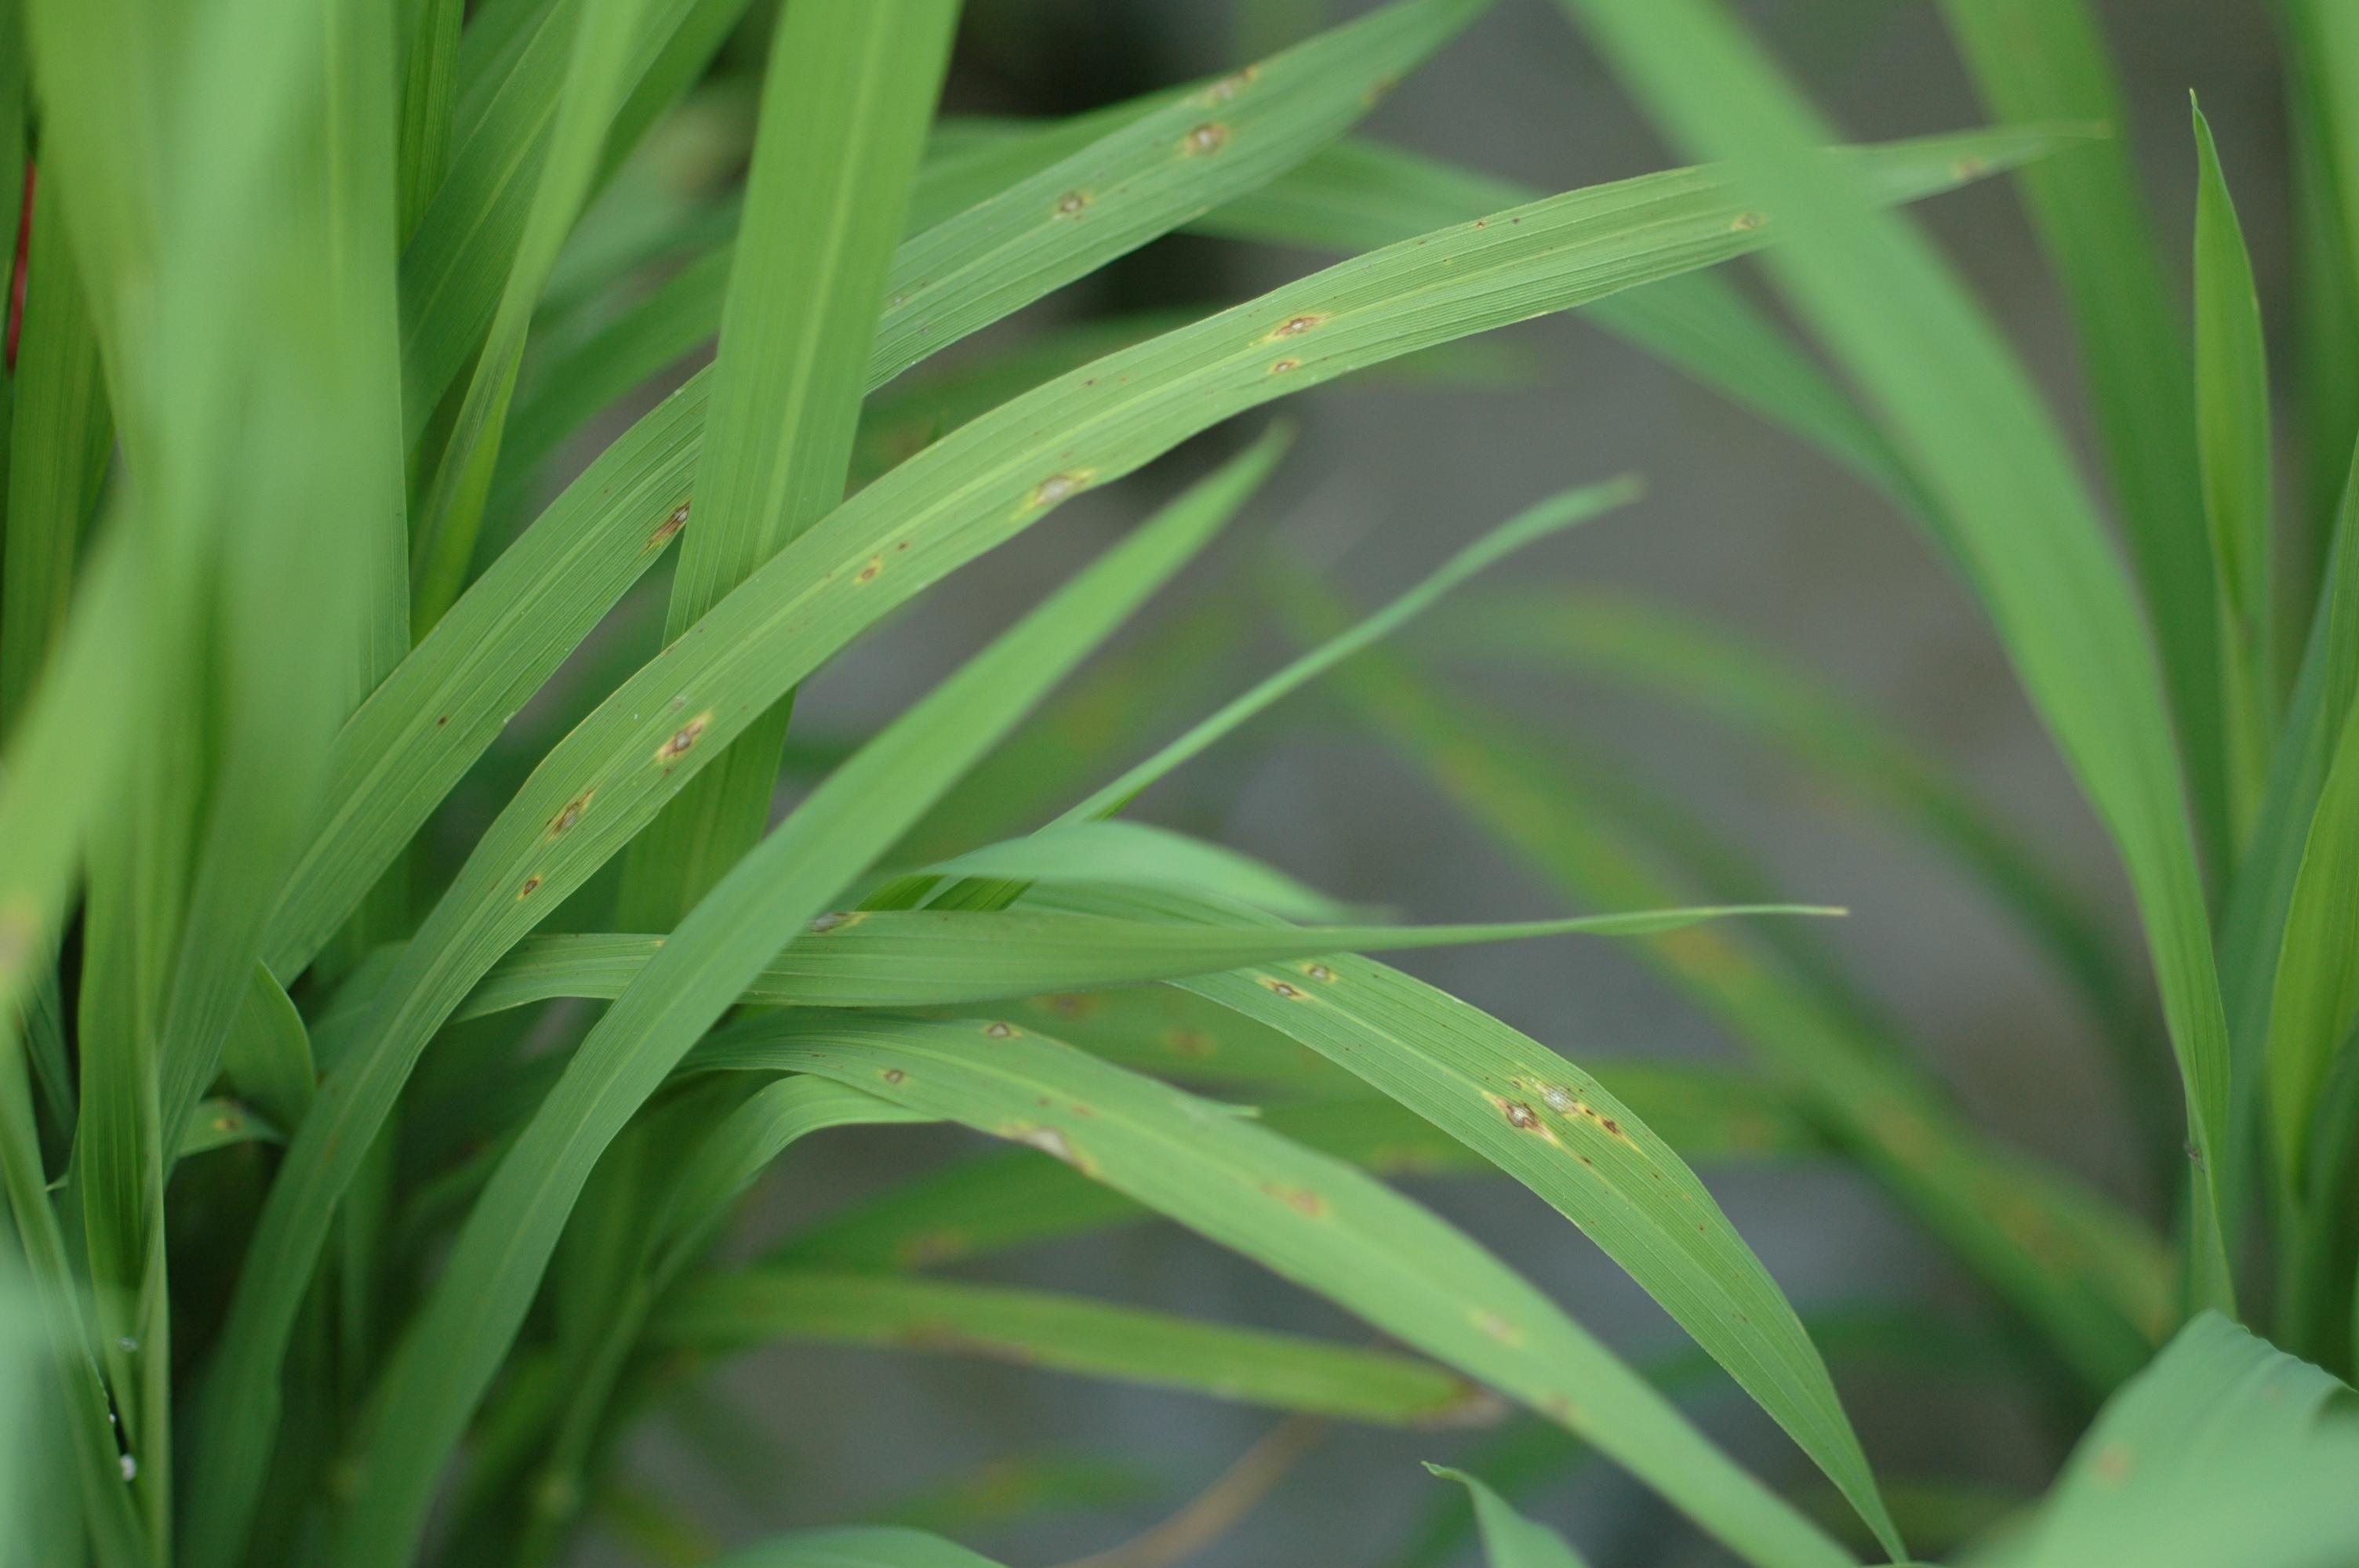 氣候條件適合水稻葉稻熱病發生與蔓延,彰化縣政府籲請農友防治水稻葉稻熱病